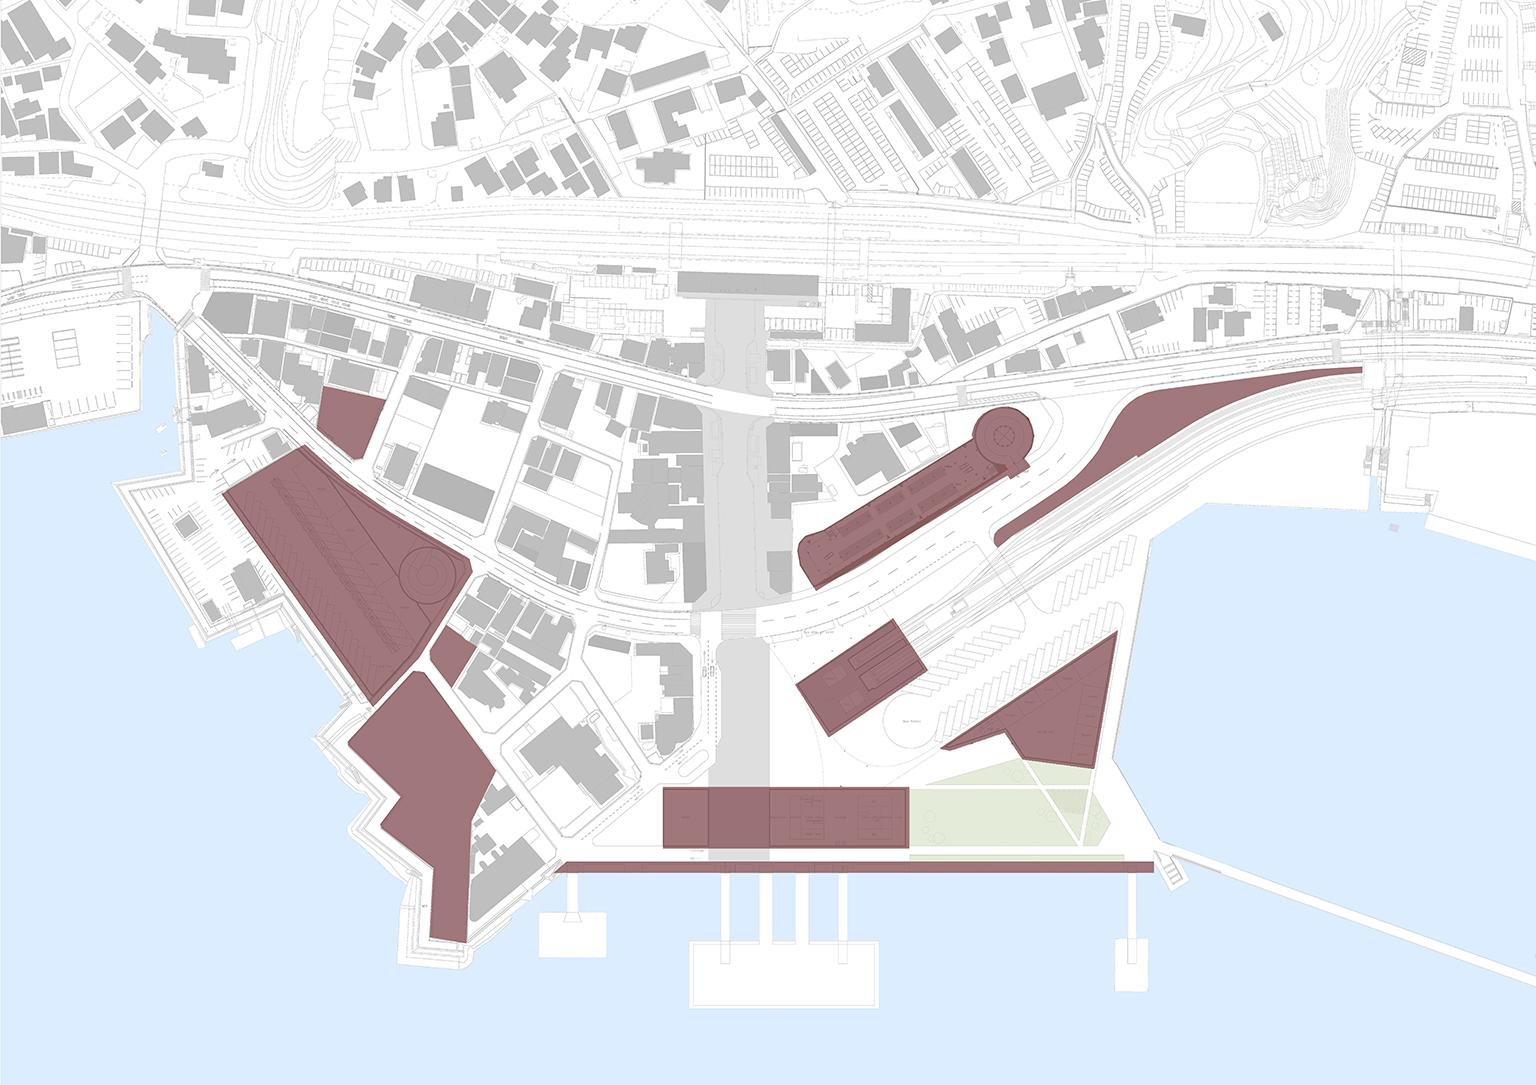 Barreiras de proteção sísmica e zonas de evacuação